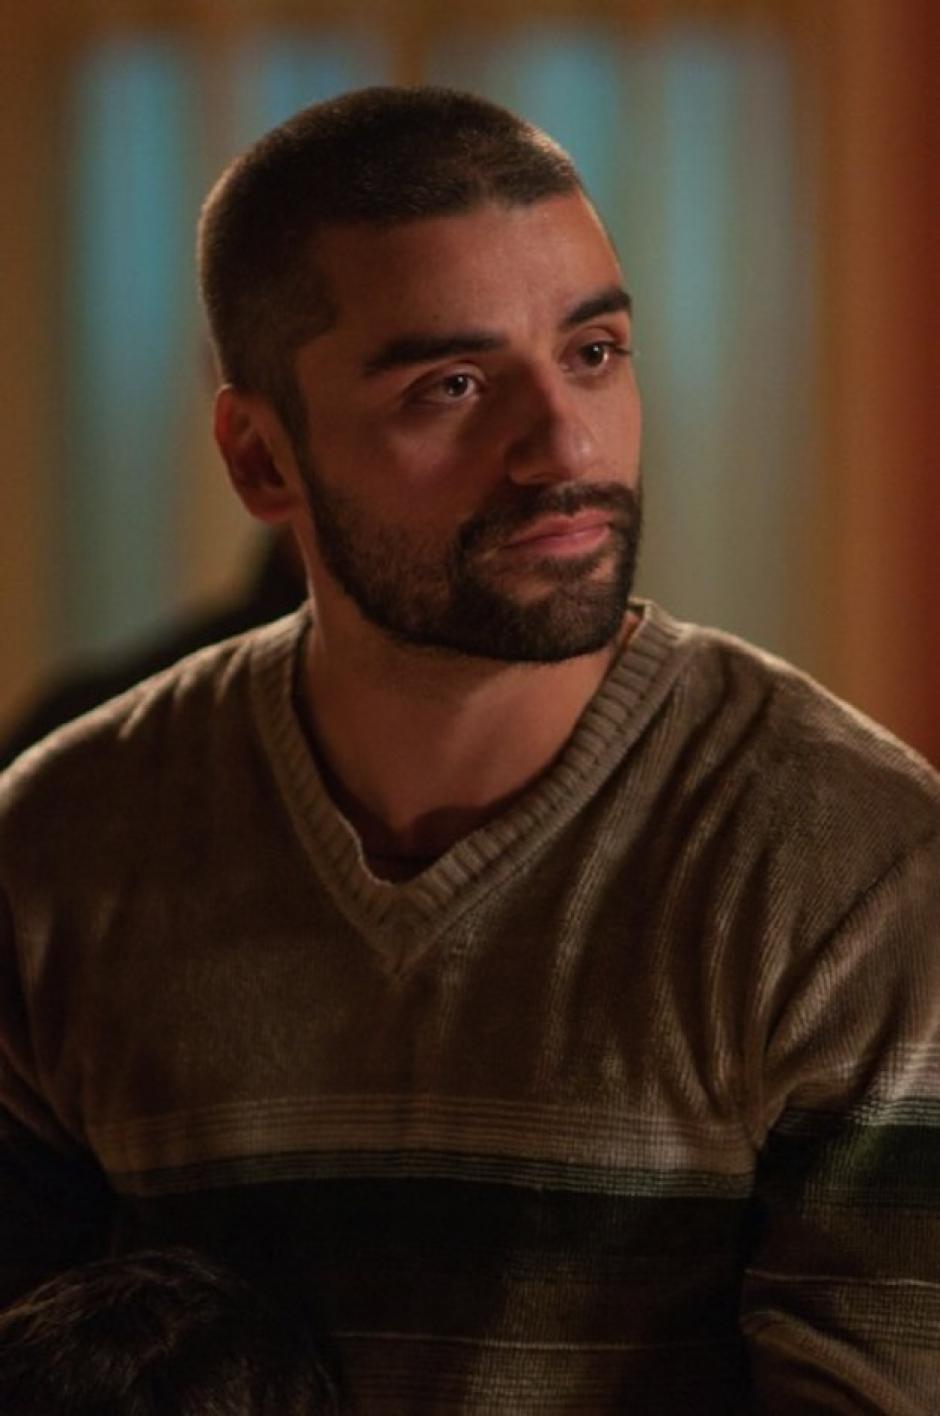 En la película Drive, interpreta a Standra Gabriel, un chico recién salido de prisión, que tiene una joven esposa a la que arrastró a un tórrido mundo. (Foto: IMDb)